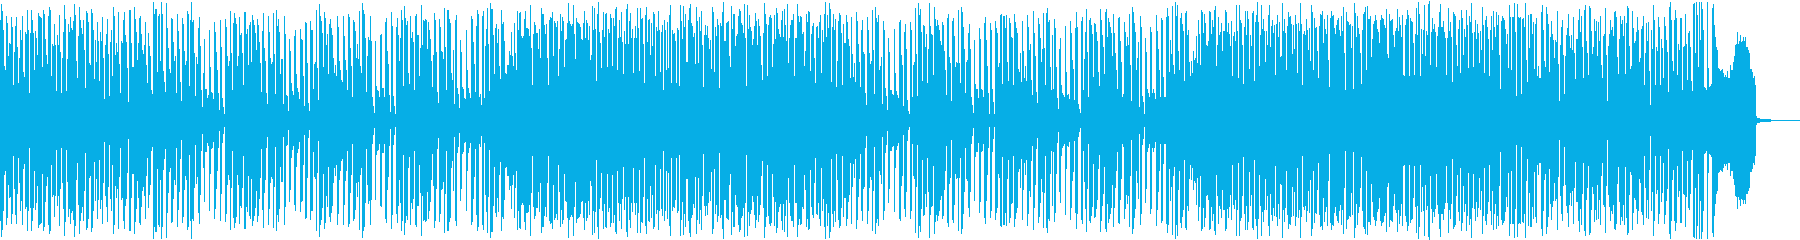 スカ・元気・天真爛漫・可愛い・ハプニングの再生済みの波形